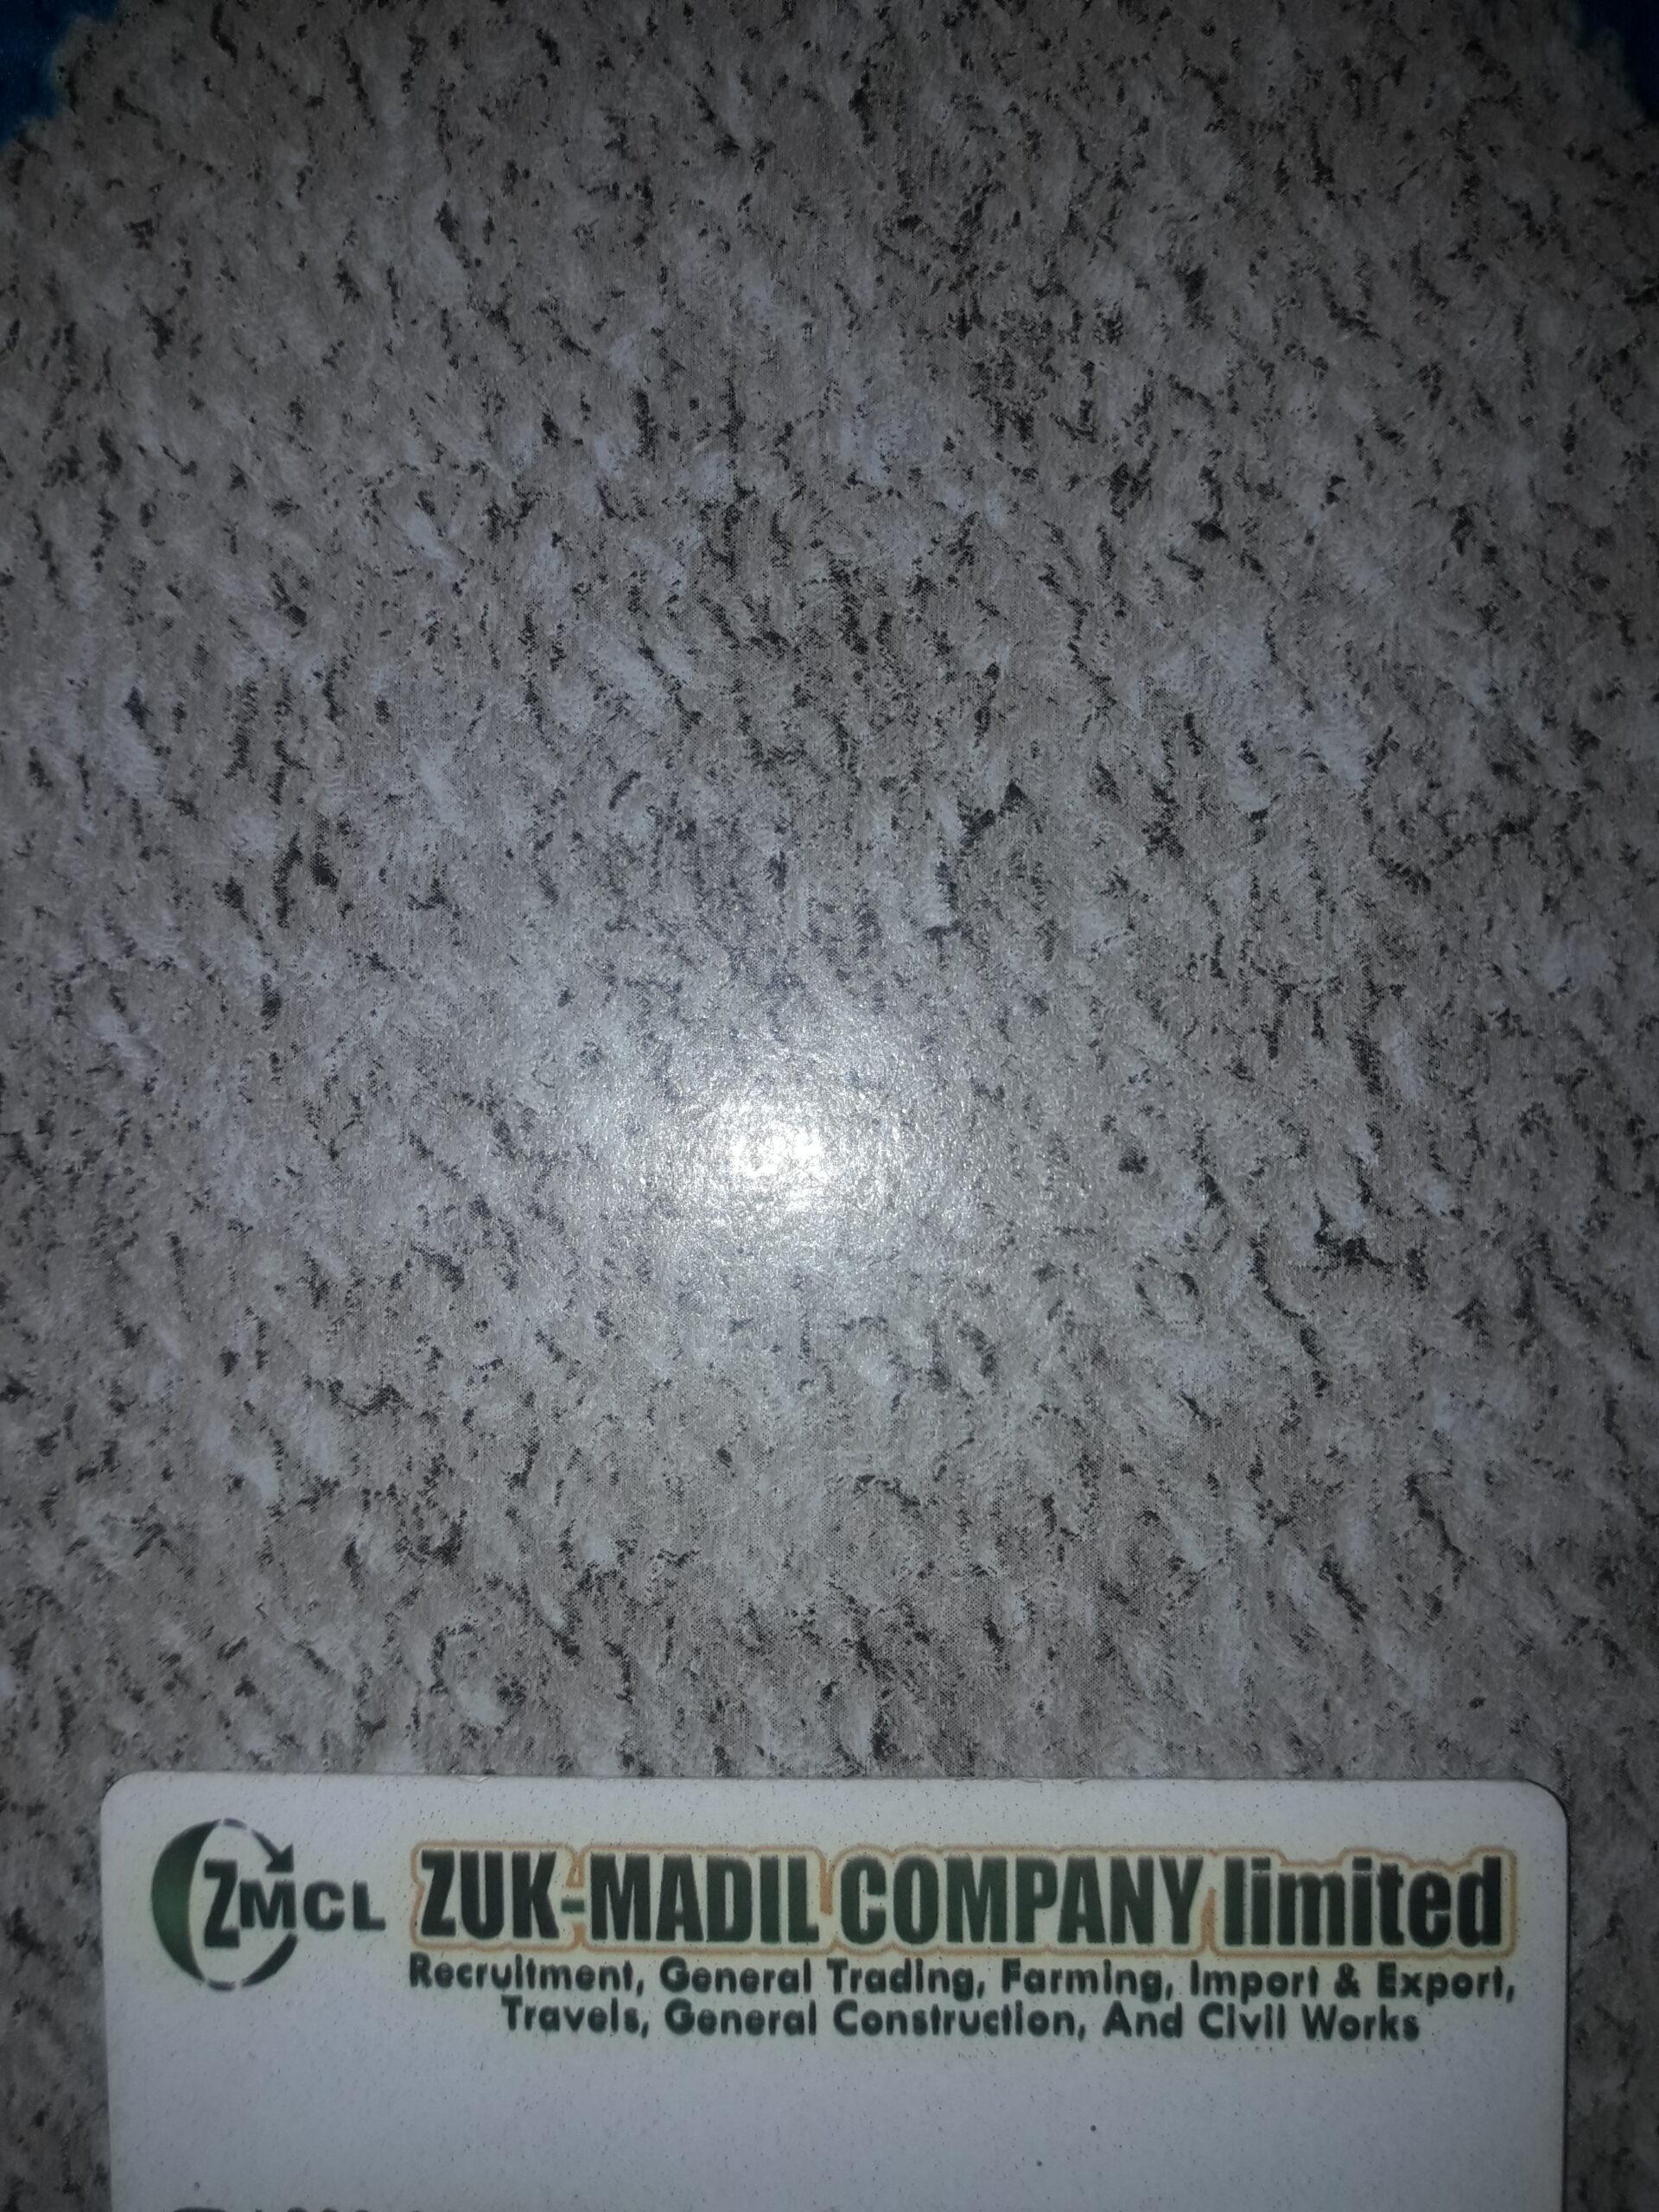 Abdul-Rauf Brenya, Zuk-Madil Company Ltd, Accra, Ghana